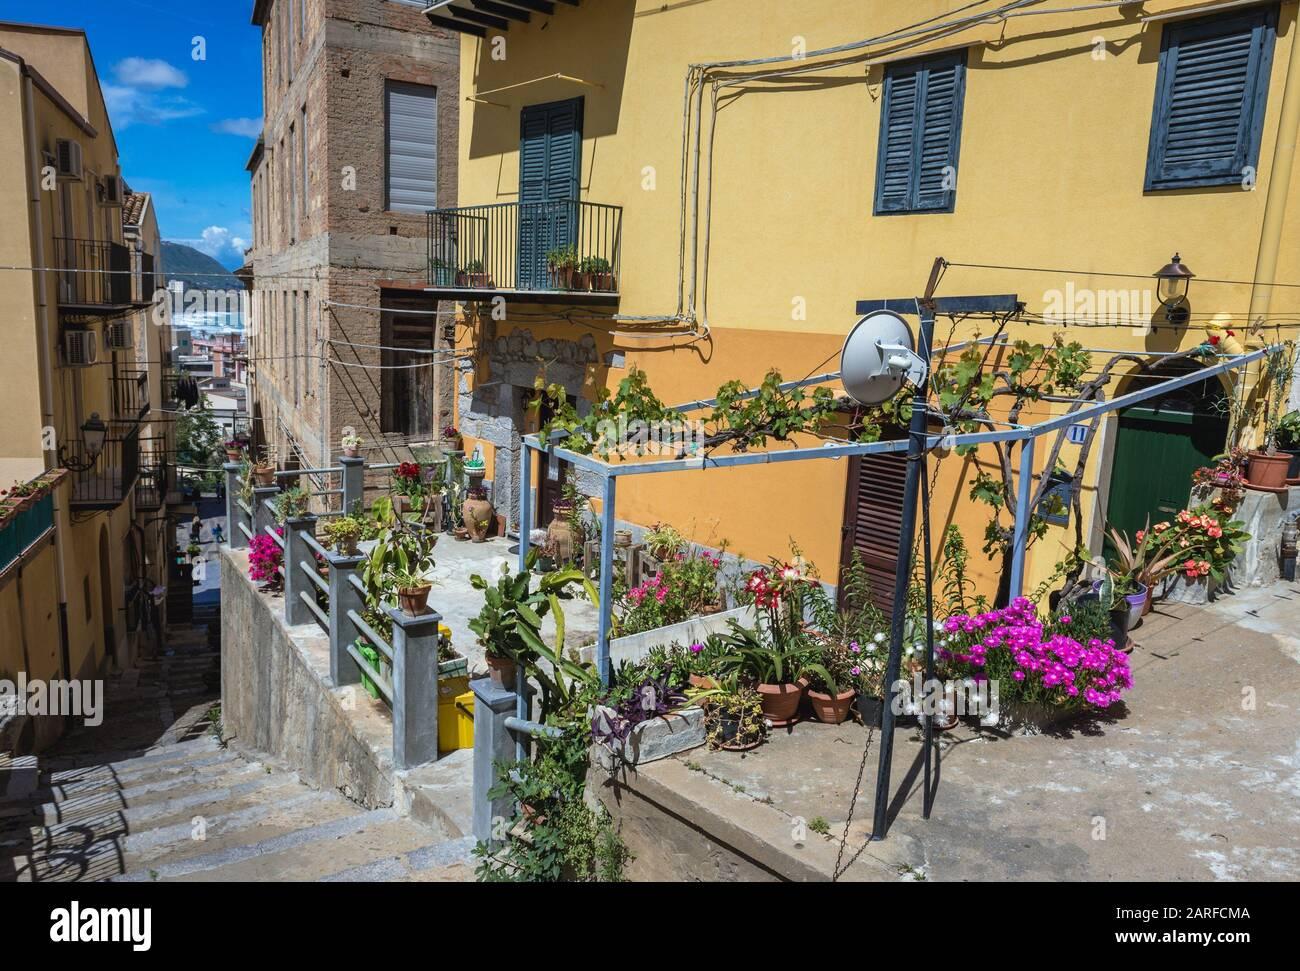 Casas en Cefalu ciudad y comune en la Ciudad Metropolitana de Palermo, situado en la costa Tirrena de Sicilia, Italia. Foto de stock